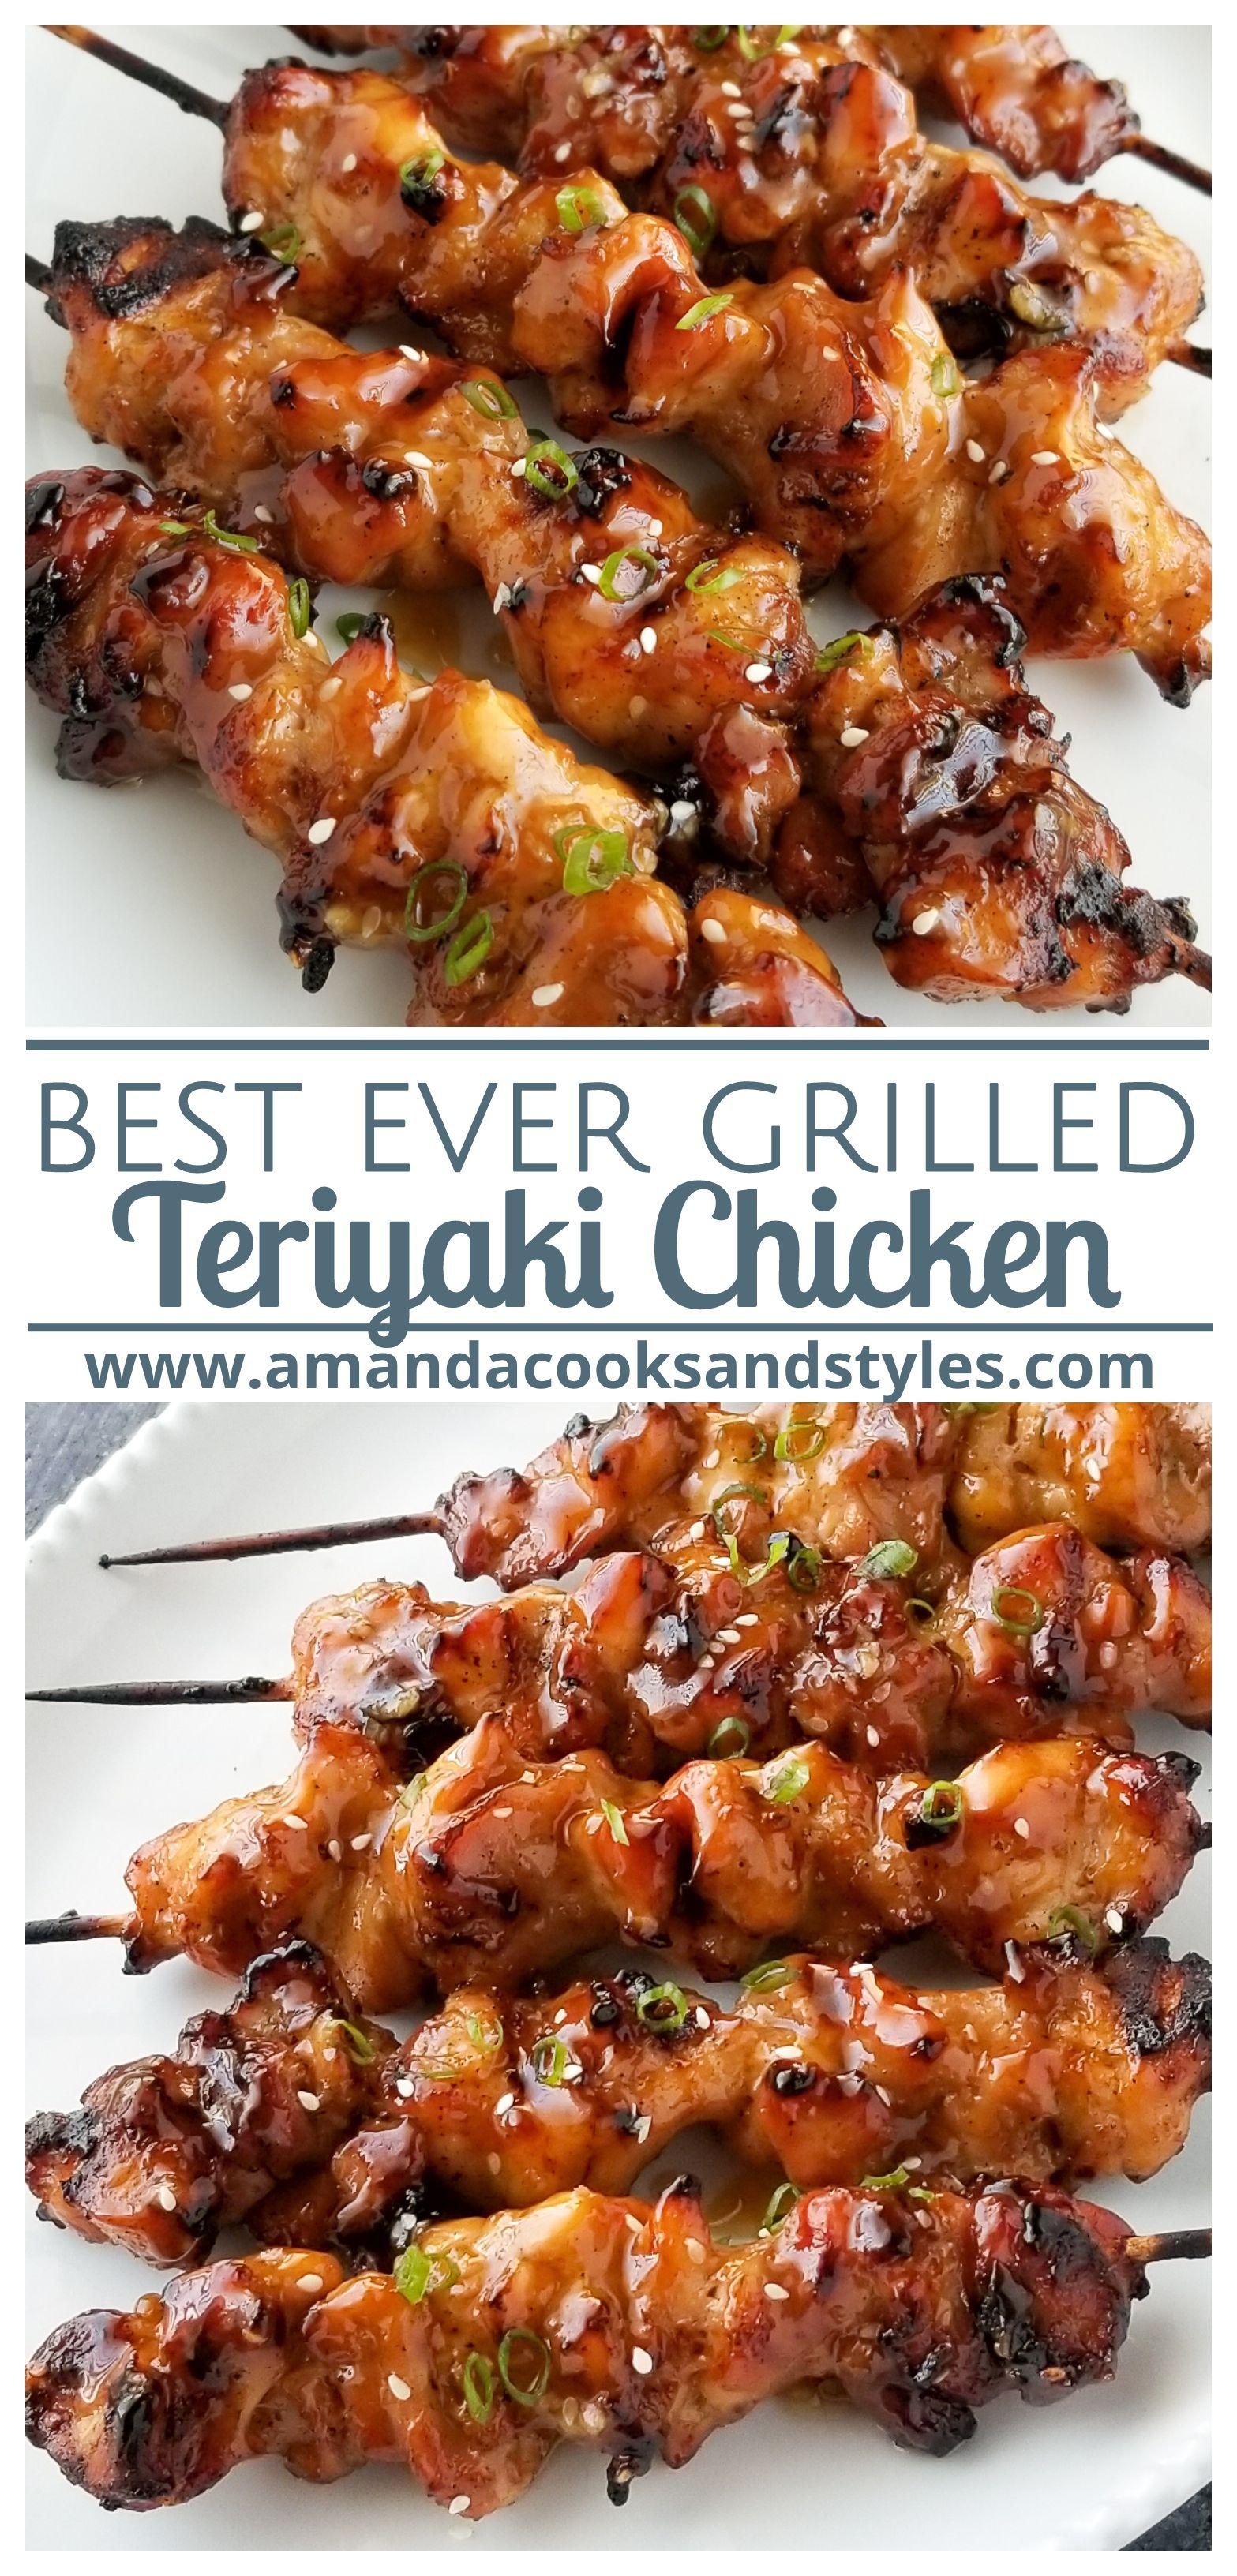 24+ BEST EVER Grilled Teriyaki Chicken